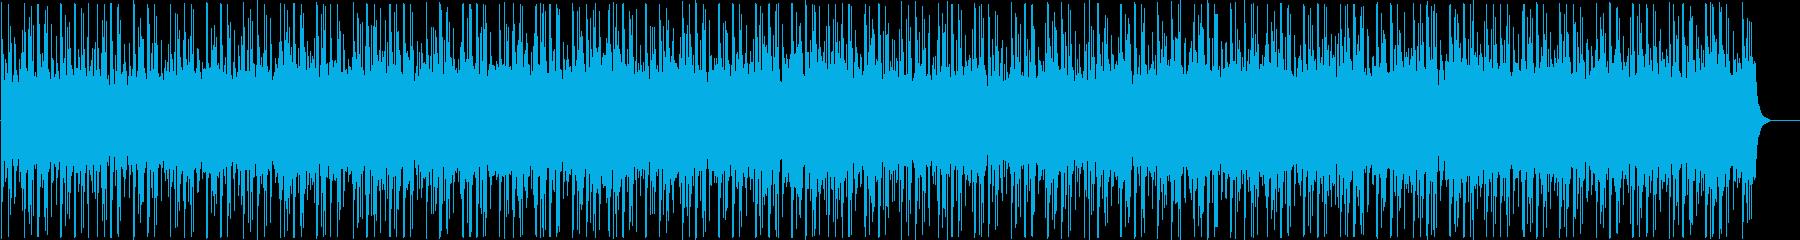 おしゃれで日常的なチルHipHopの再生済みの波形